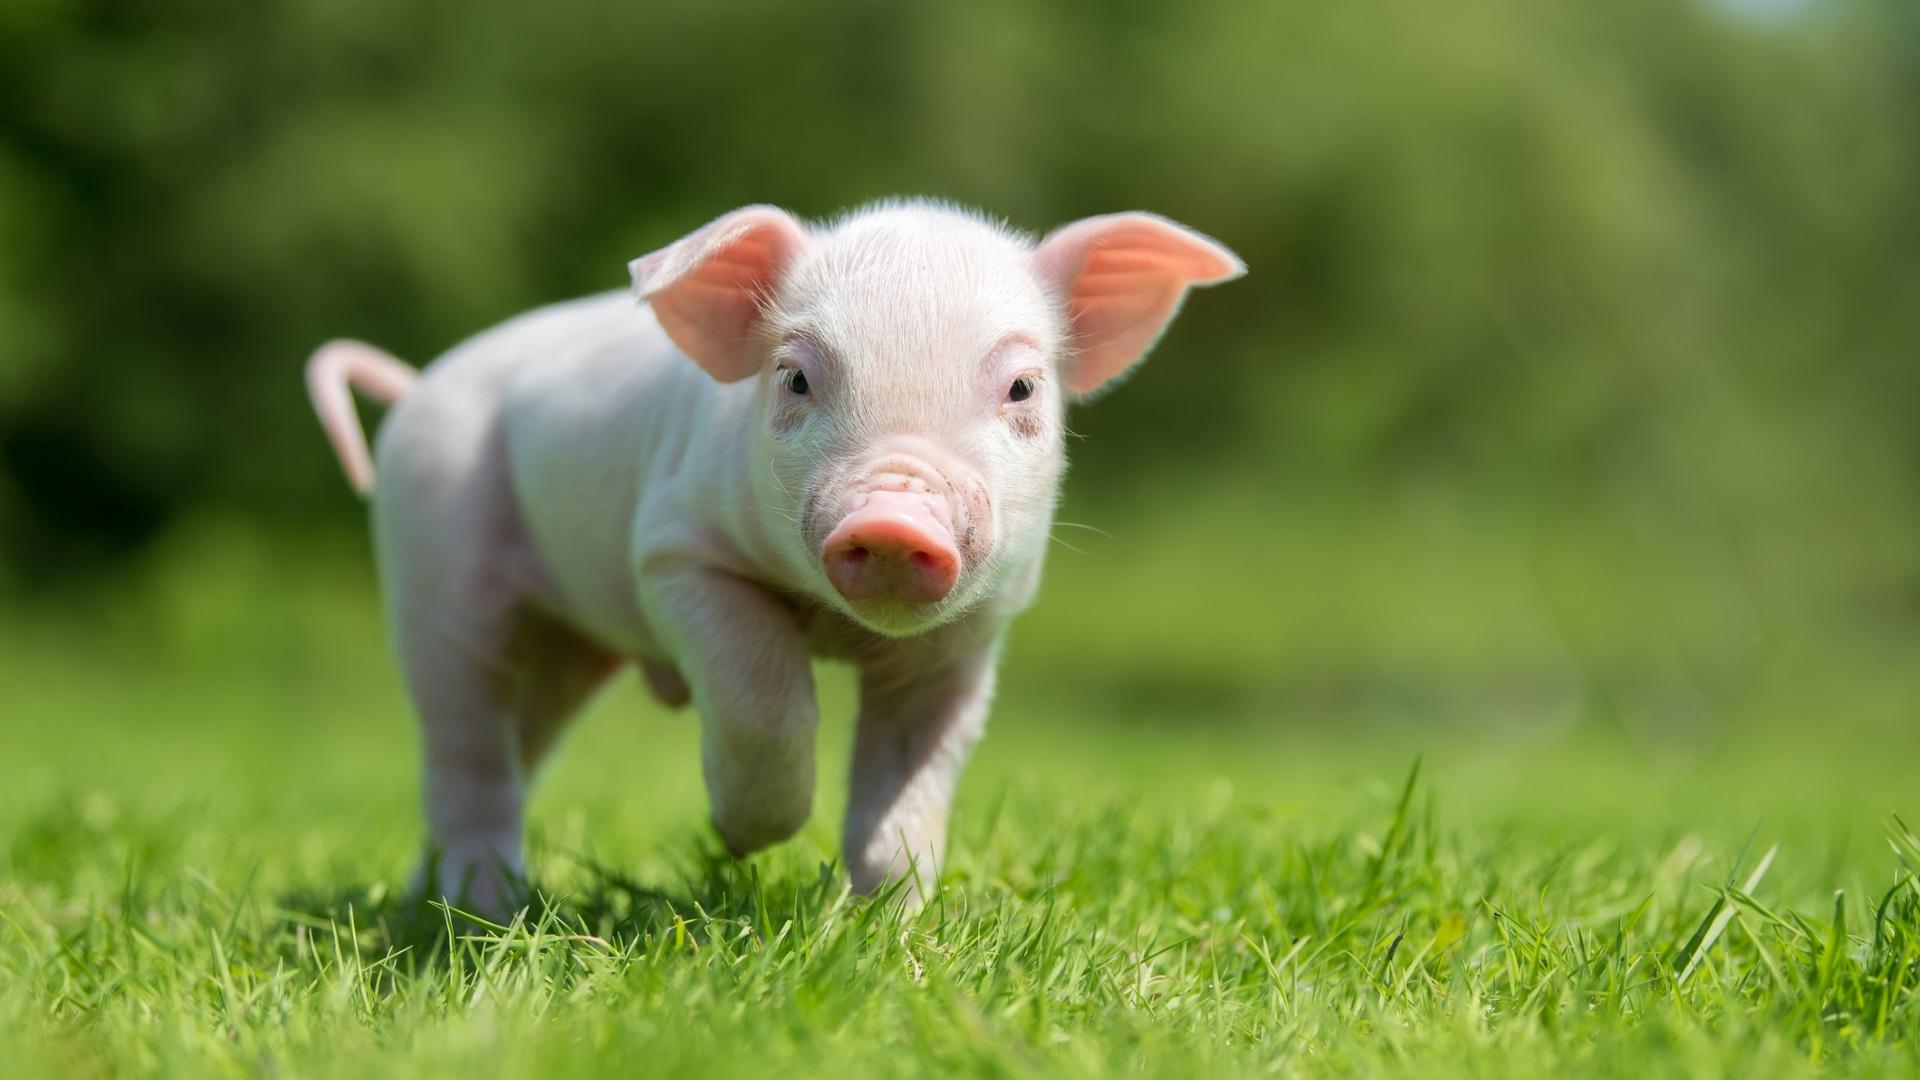 """Прасе, Кентъки (Pig, Kentucky)<br /> <br /> Имаето на града е избрано след сериозни диспути и множество предложения. Накрая местен жител казал, че е видял малко прасе на пътя. Името """"Прасе"""" веднага било прието."""